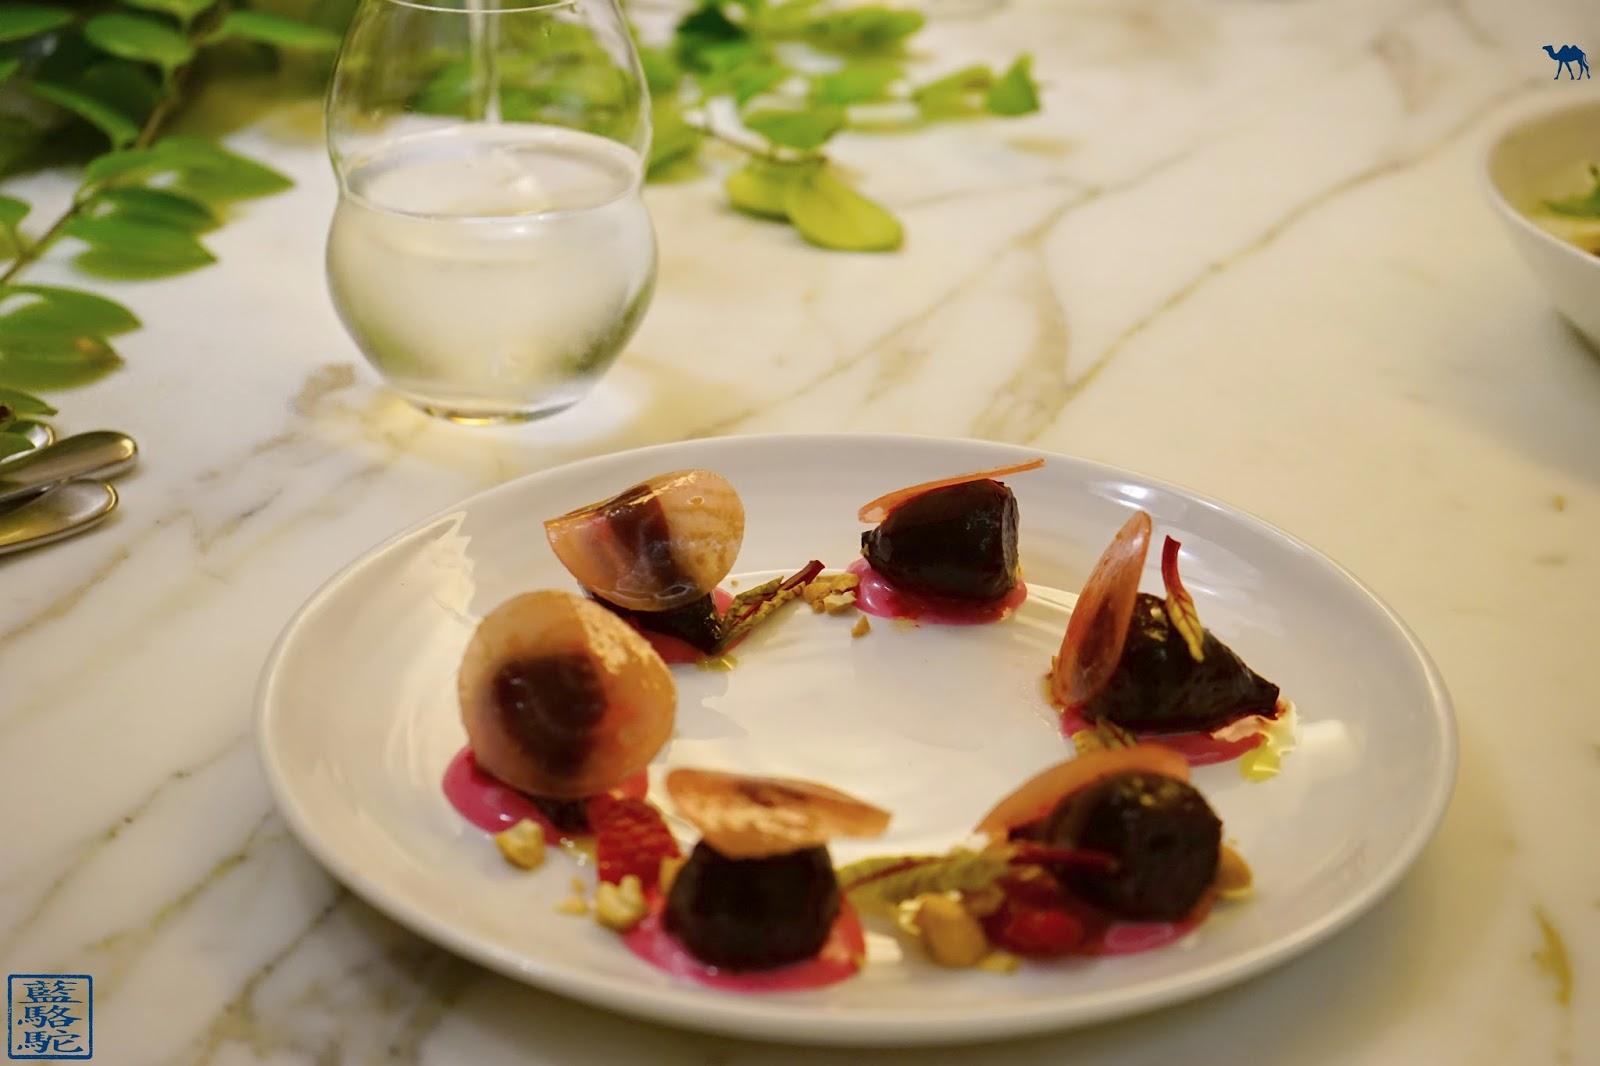 Le Chameau Bleu - Blog Restaurant Noglu Paris - Betterave, Noix de Cajou, Gorgonzola, Framboise